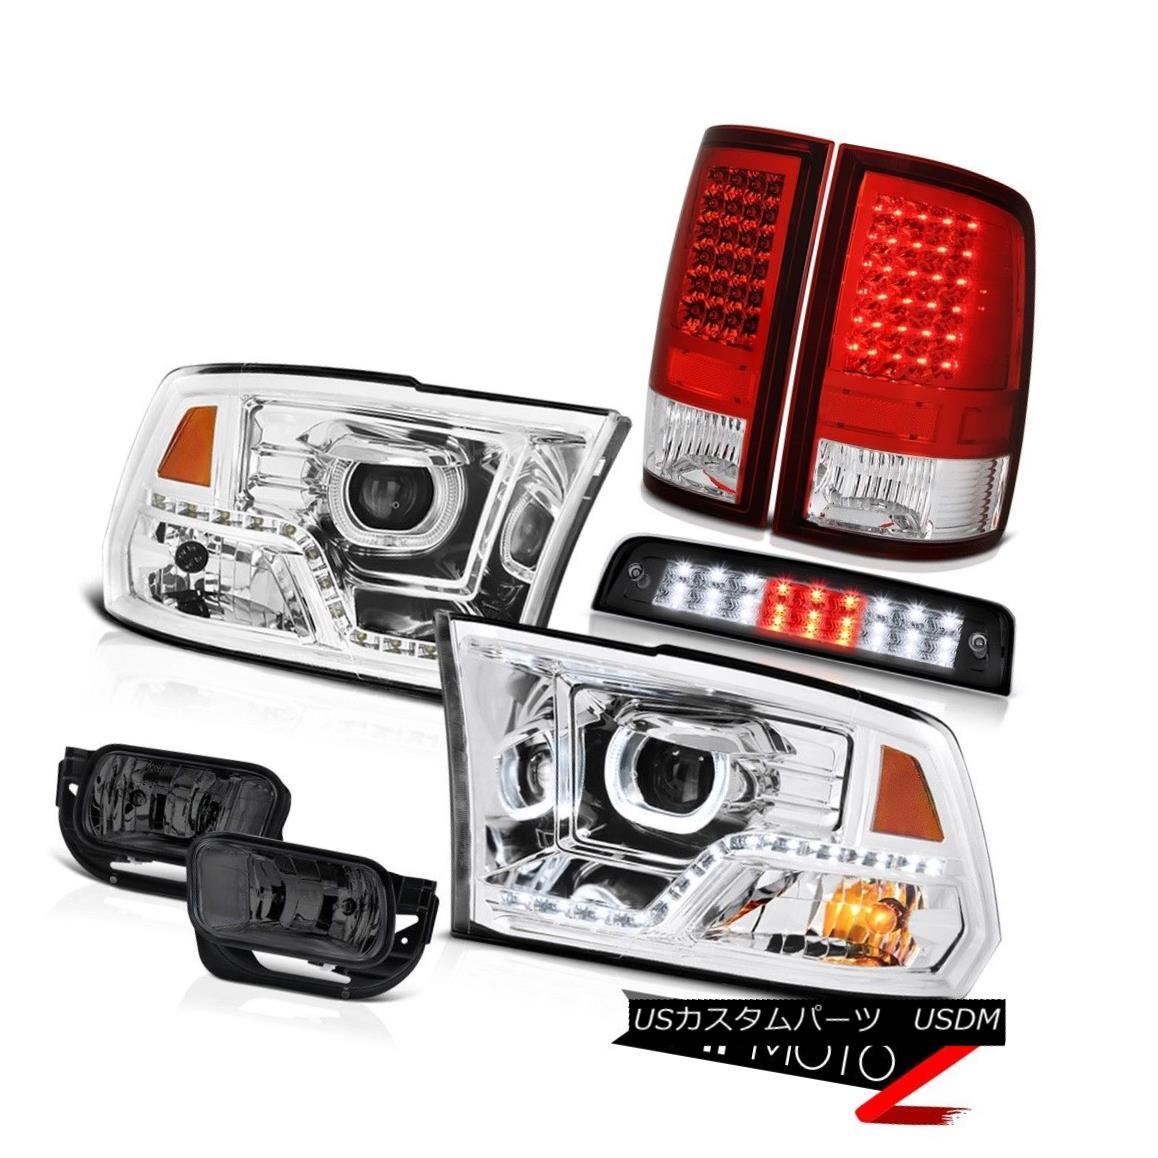 ヘッドライト 09 10 11-18 Dodge RAM 2500 Black Brake Lights DRL Headlamps Fog Lamp Tail Light 09 10 11-18ダッジRAM 2500ブラックブレーキライトDRLヘッドライトフォグランプテールライト